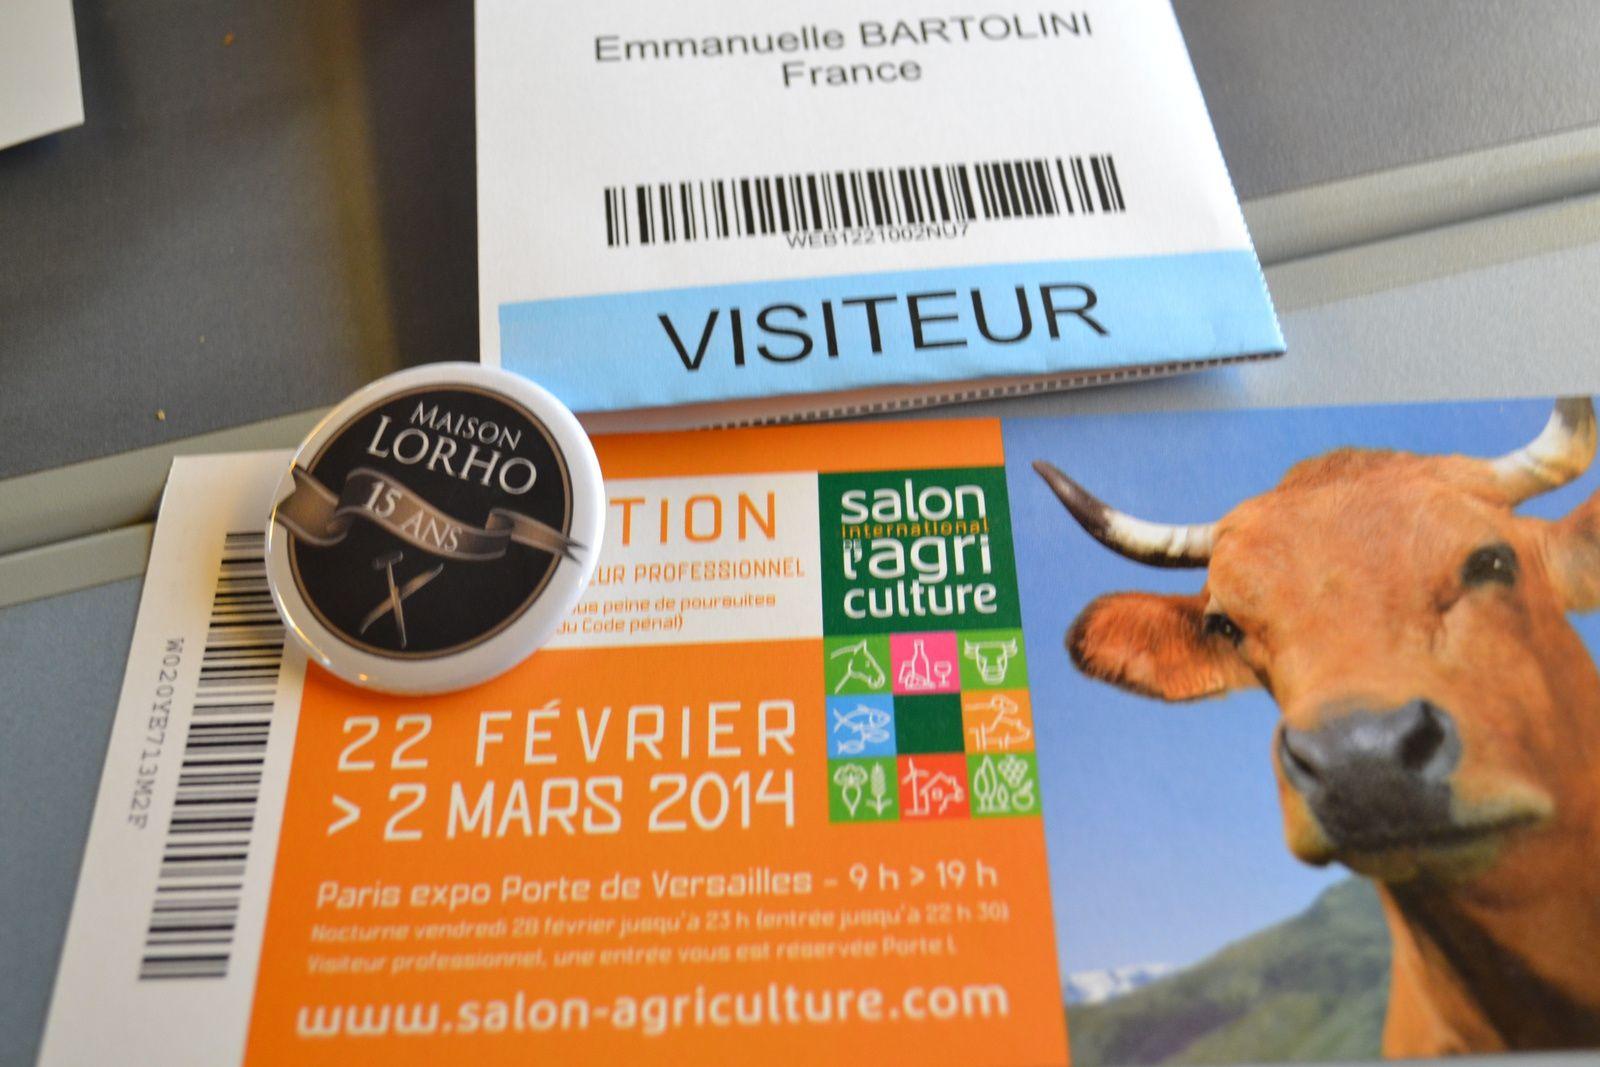 Salon de l 39 agriculture j 39 y tais hum a sent bon for Billet salon de l agriculture